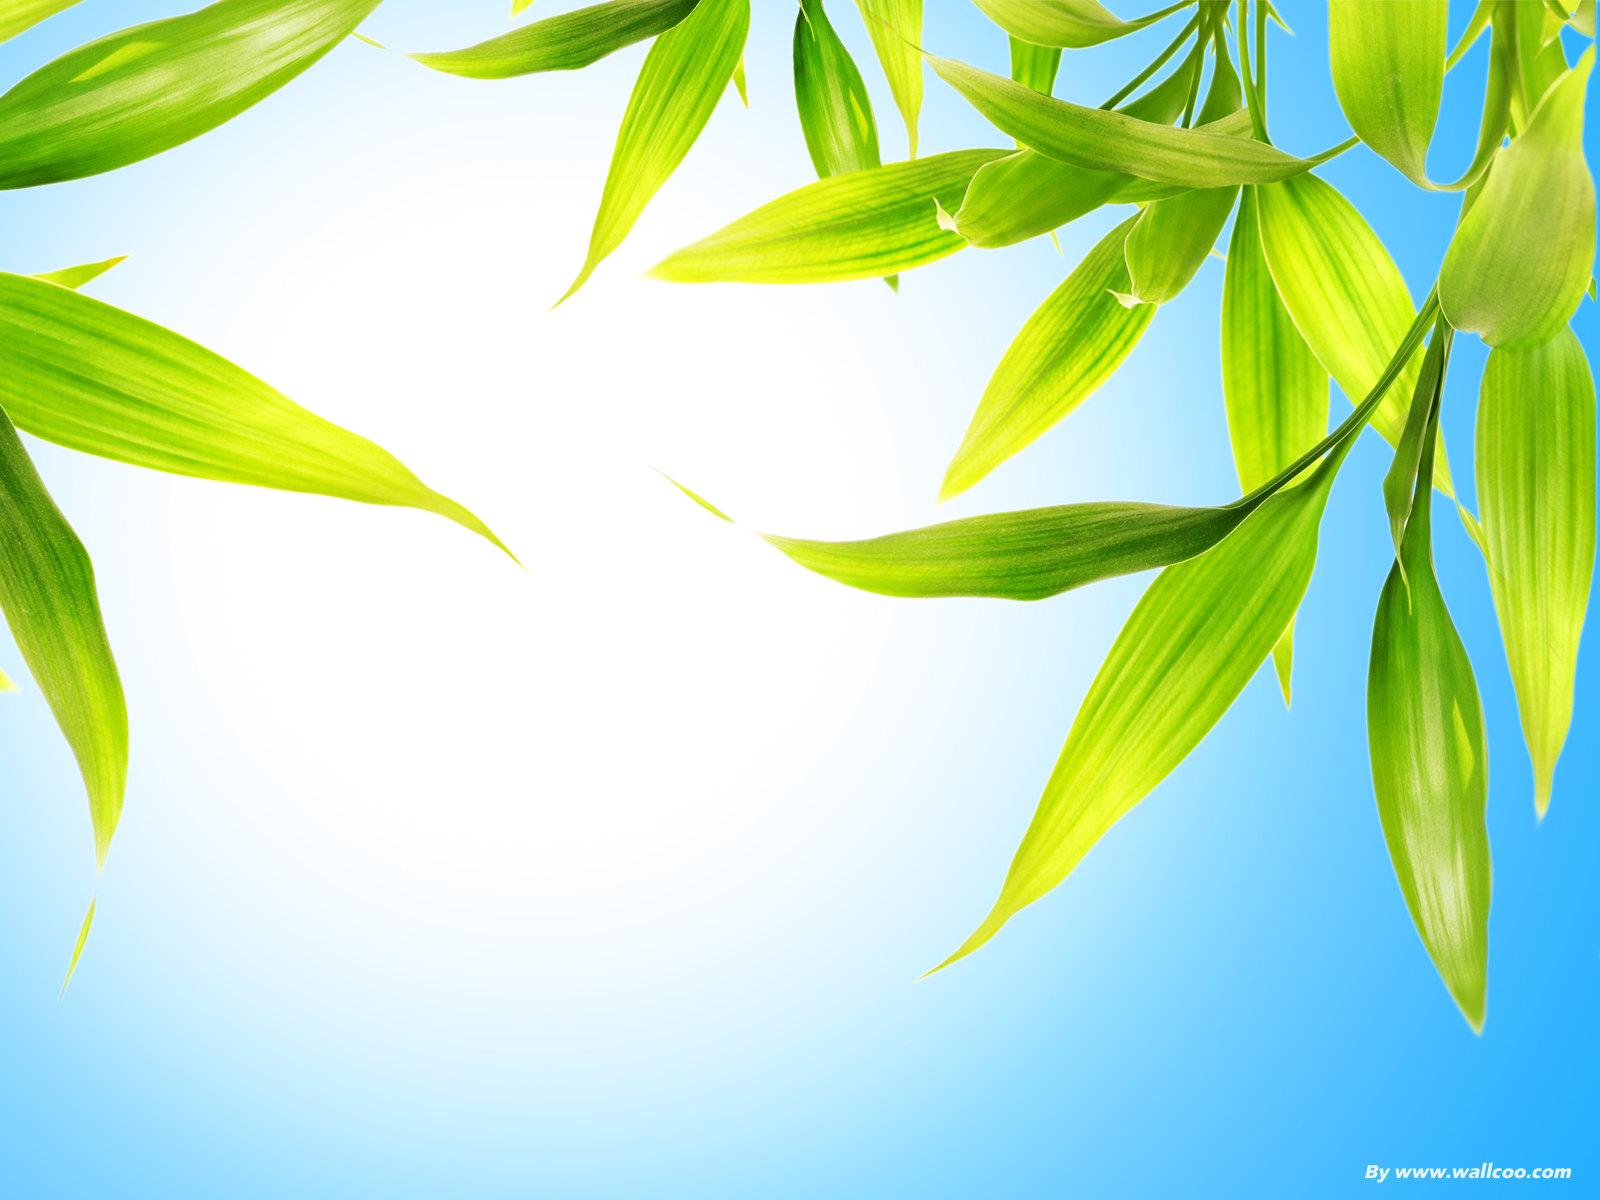 春天的绿色植物背景高清图片素材(12P)[中国P